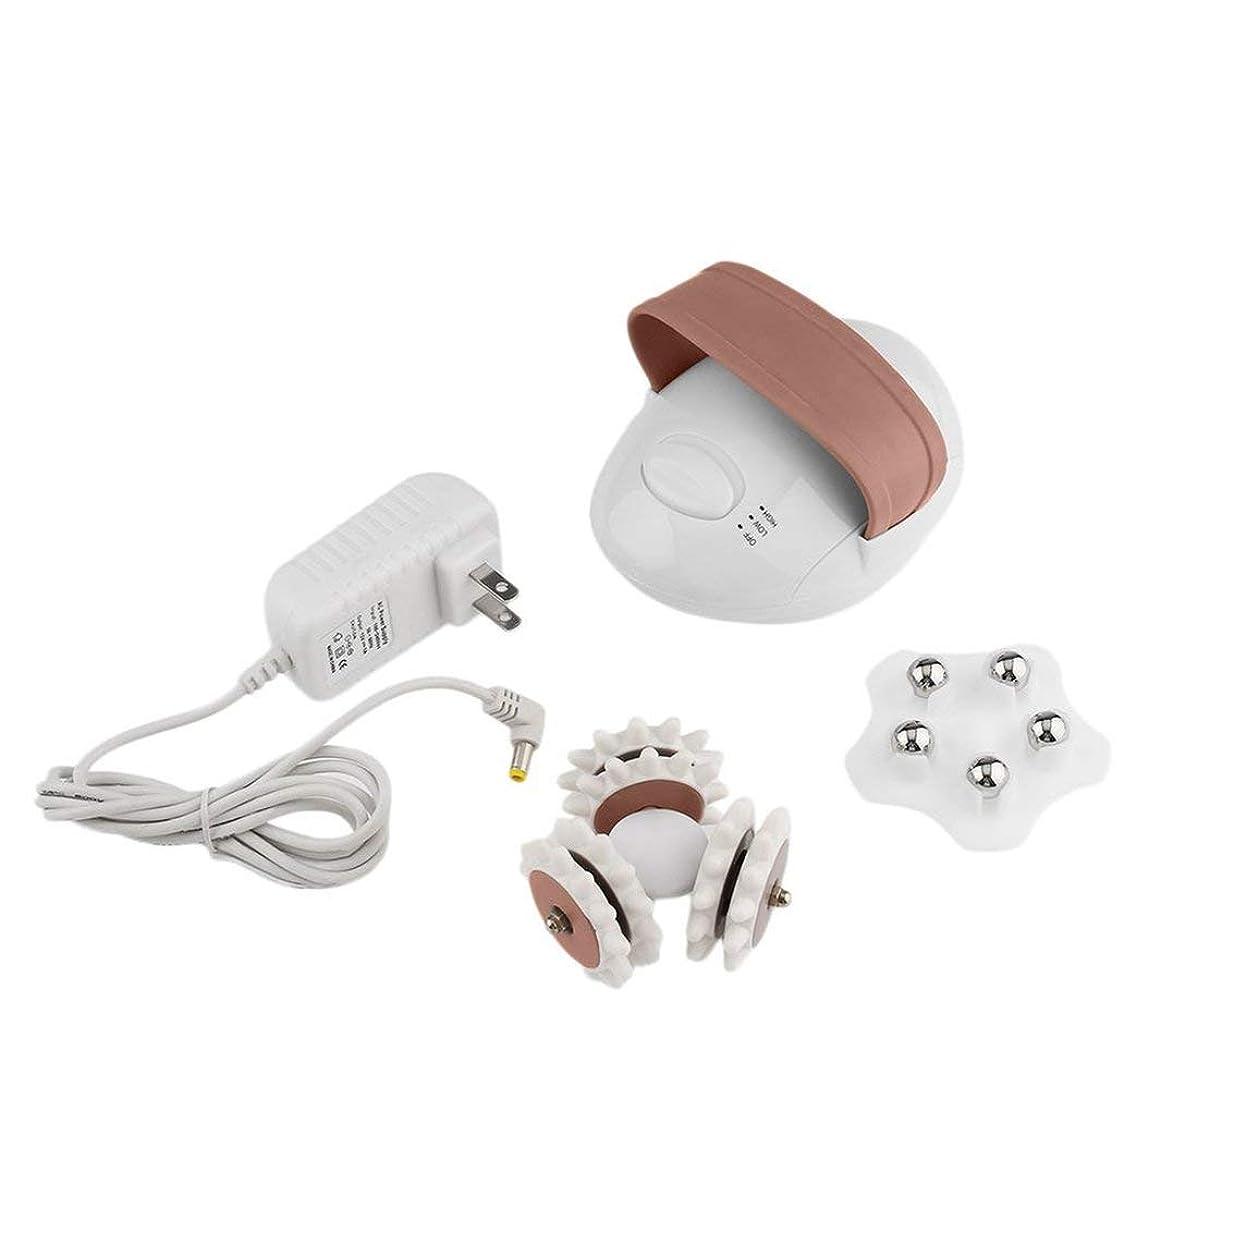 コンパクトサイズの3Dミニフェイシャル混練マッサージローラー電動アンチセルライトコントロールシステムマッサージャーボディスリム-ホワイト&コーヒー